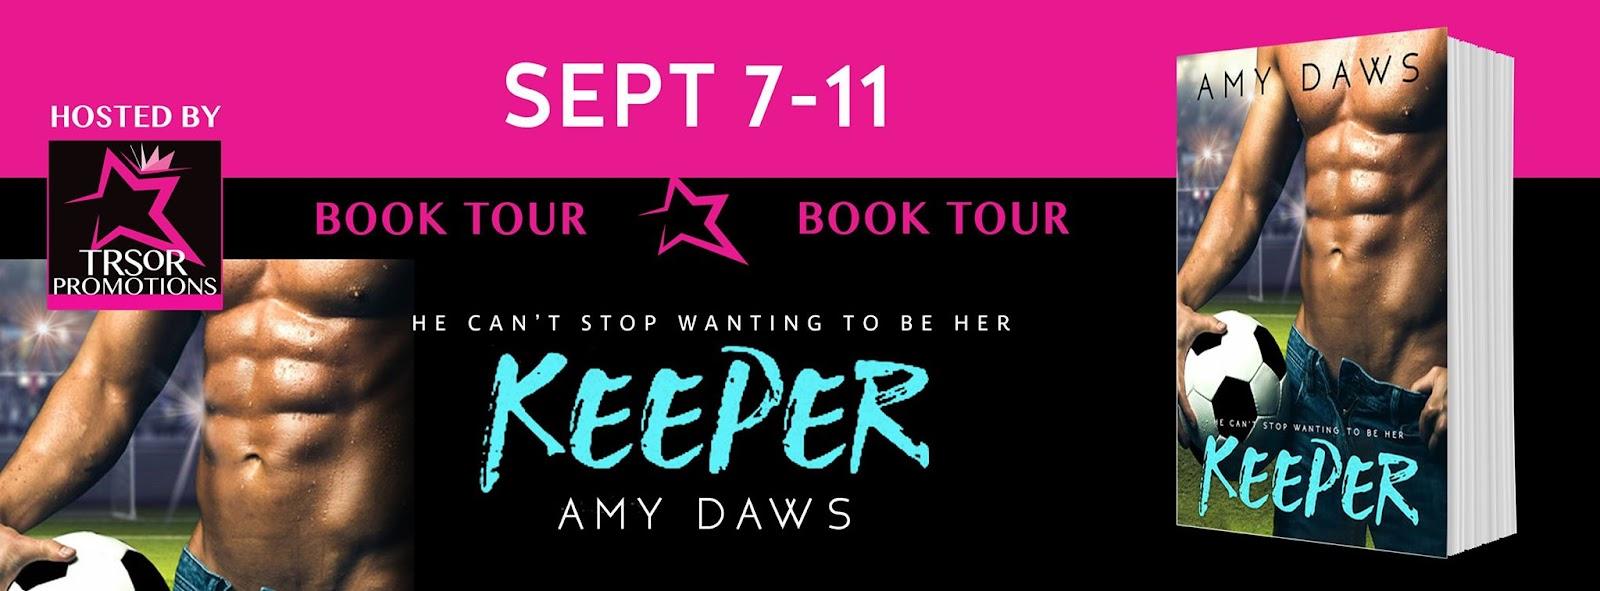 keeper book tour.jpg